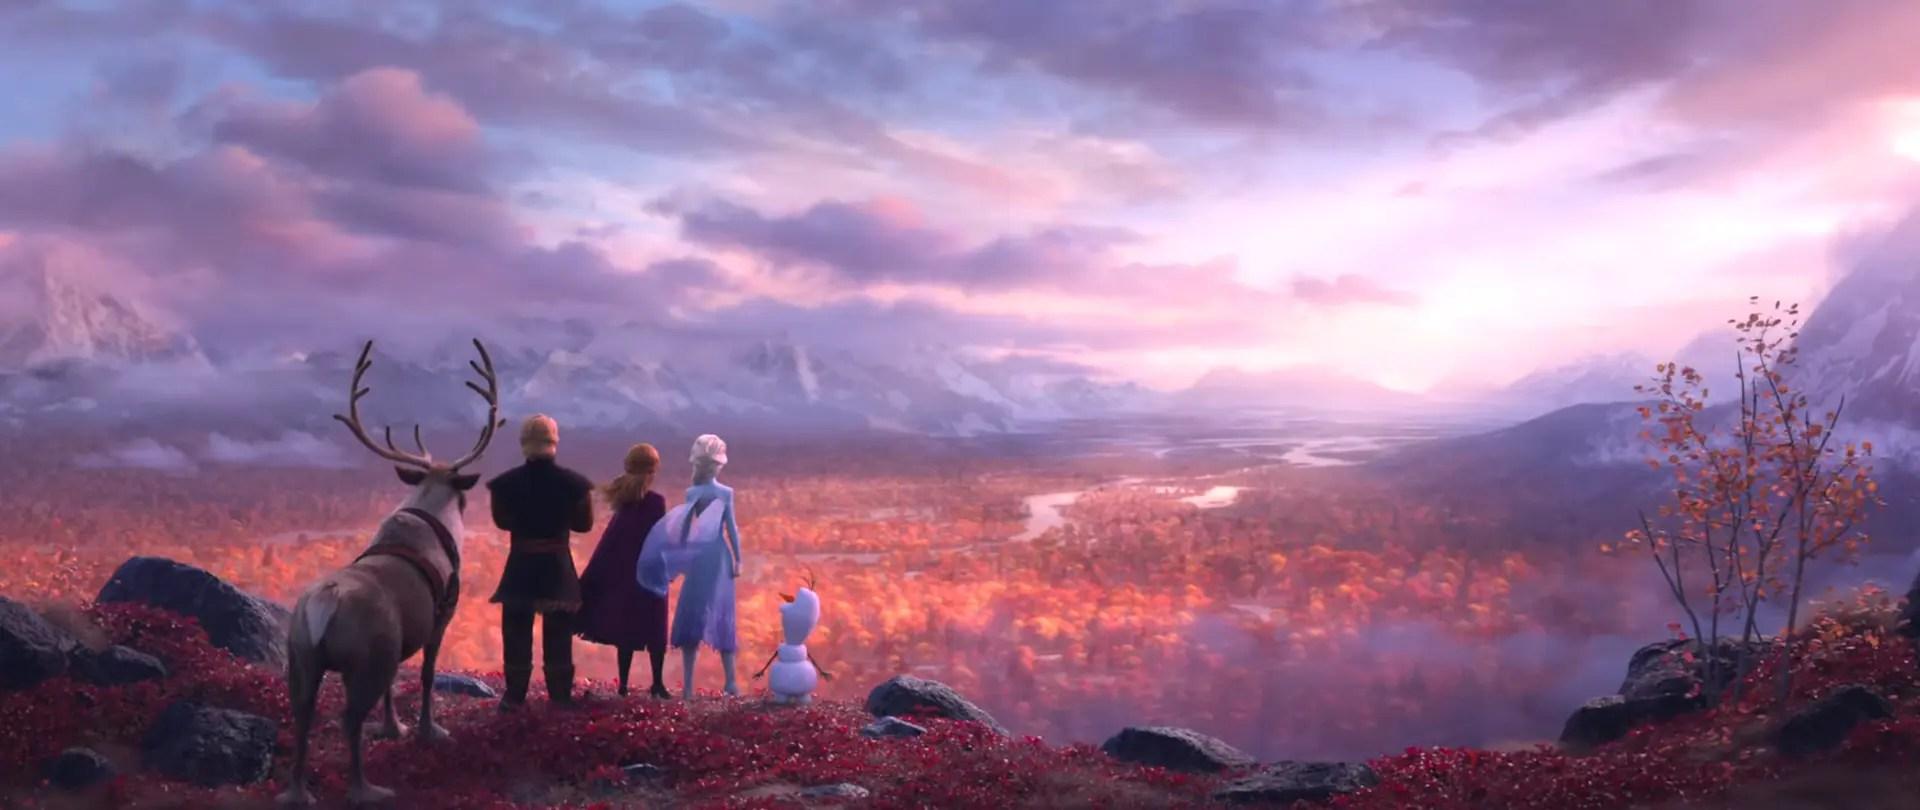 Estreno de Frozen 2 | Trailer y Nuevas Imágenes (2019)